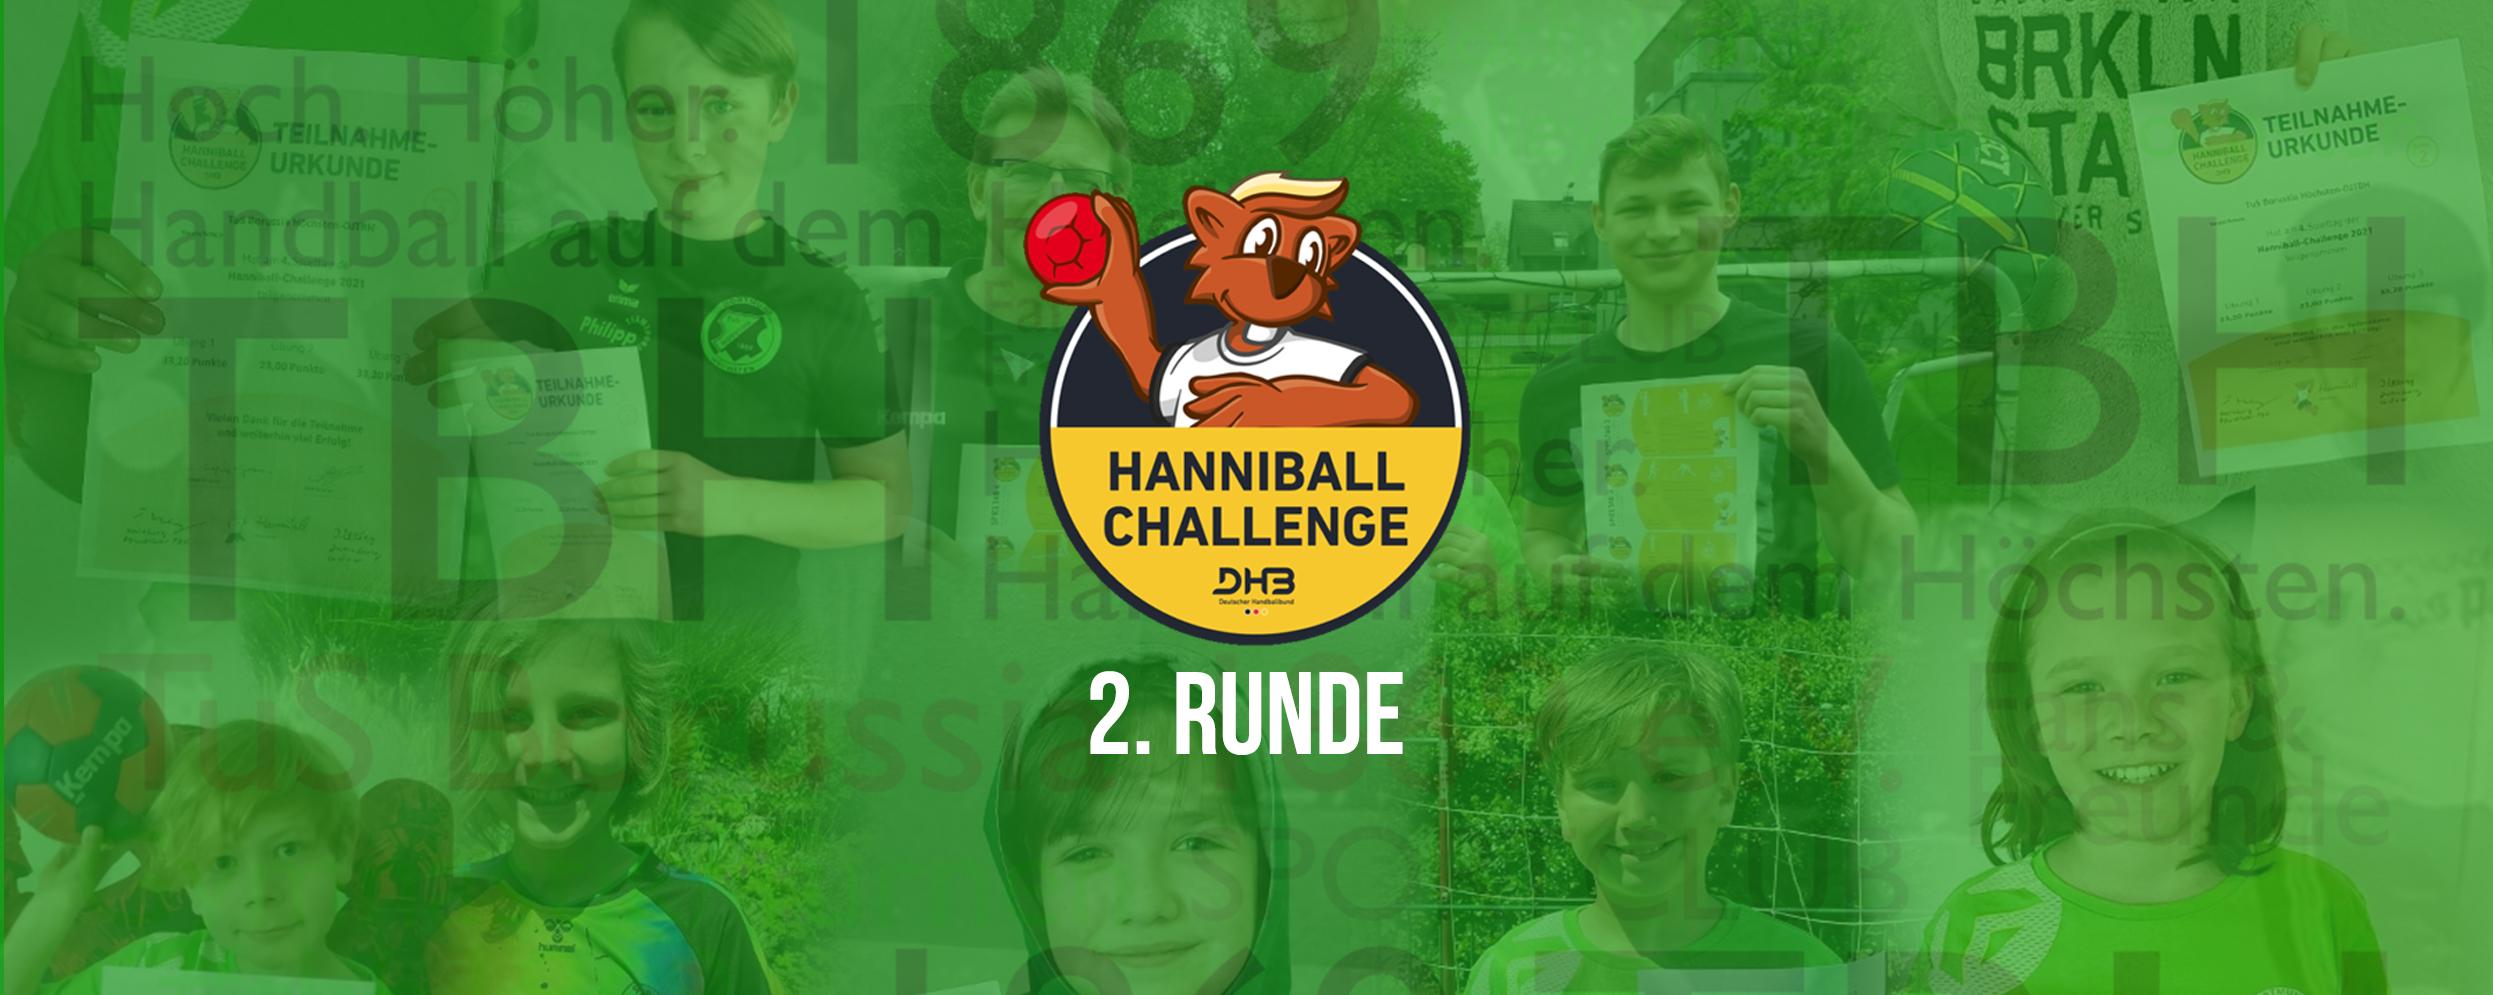 Banner zu Runde 2 der DHB-Hanniball-Challenge